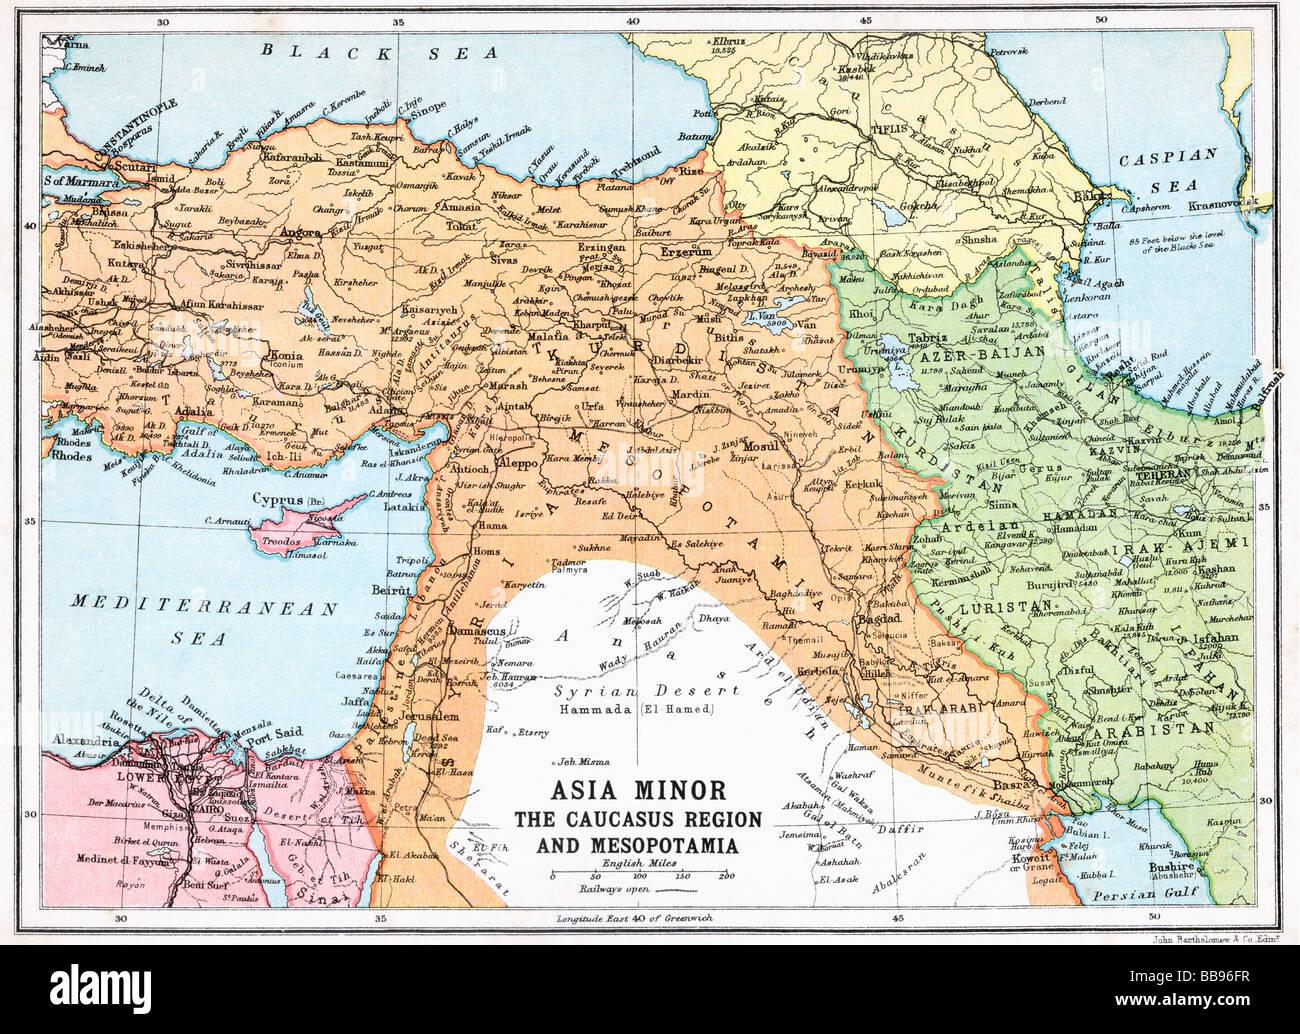 Map Of Asia Minor And Caucasus Region And Mesopotamia At Beginning - Caucasus map